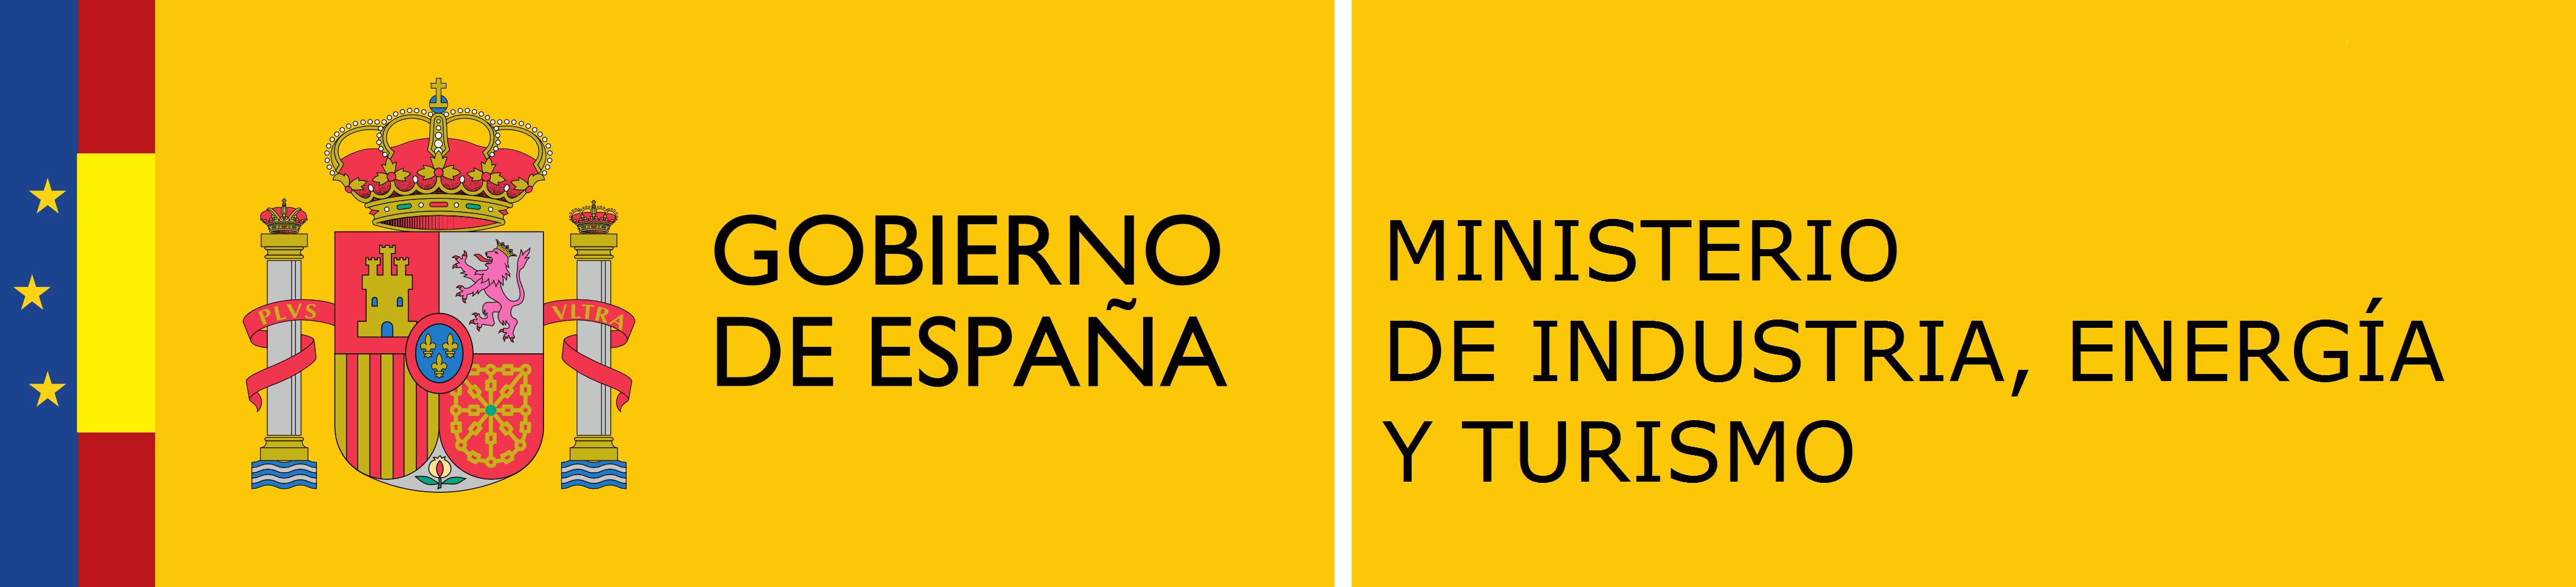 Ministerio de industria energ a y turismo isdefe for Ministerio del turismo